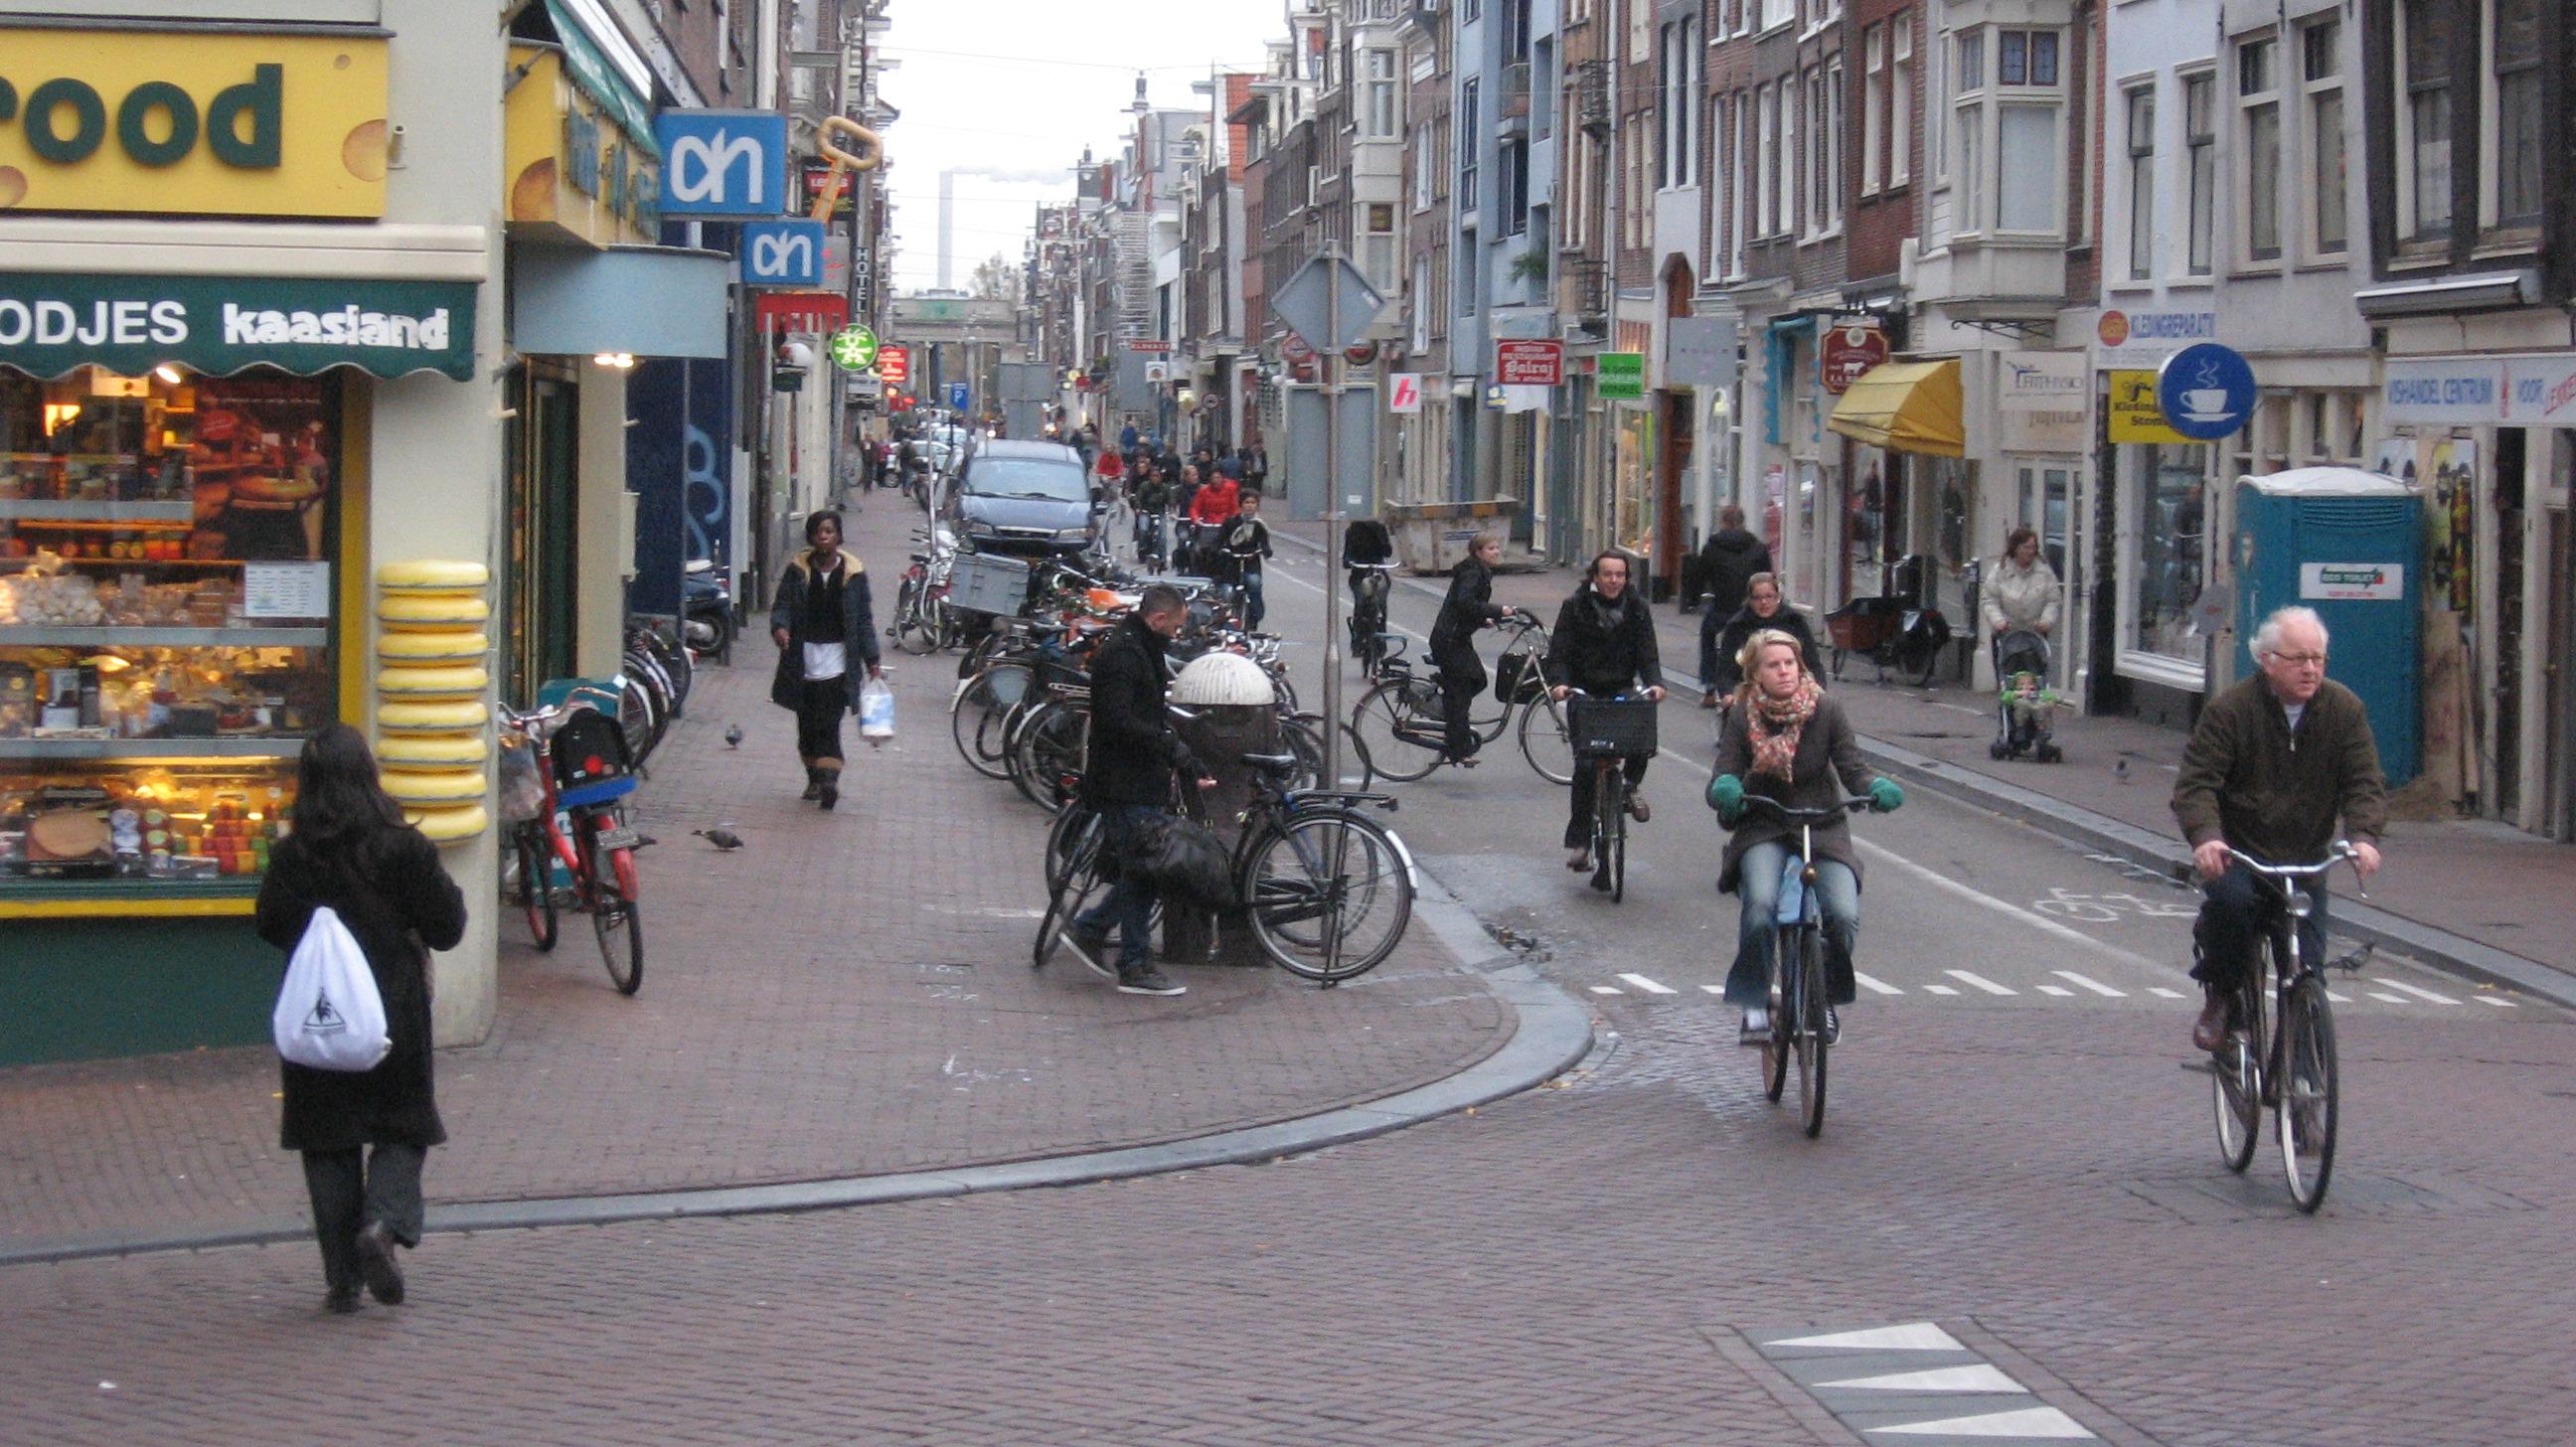 شوارع أمستردام ومسارات الدراجات المفصولة